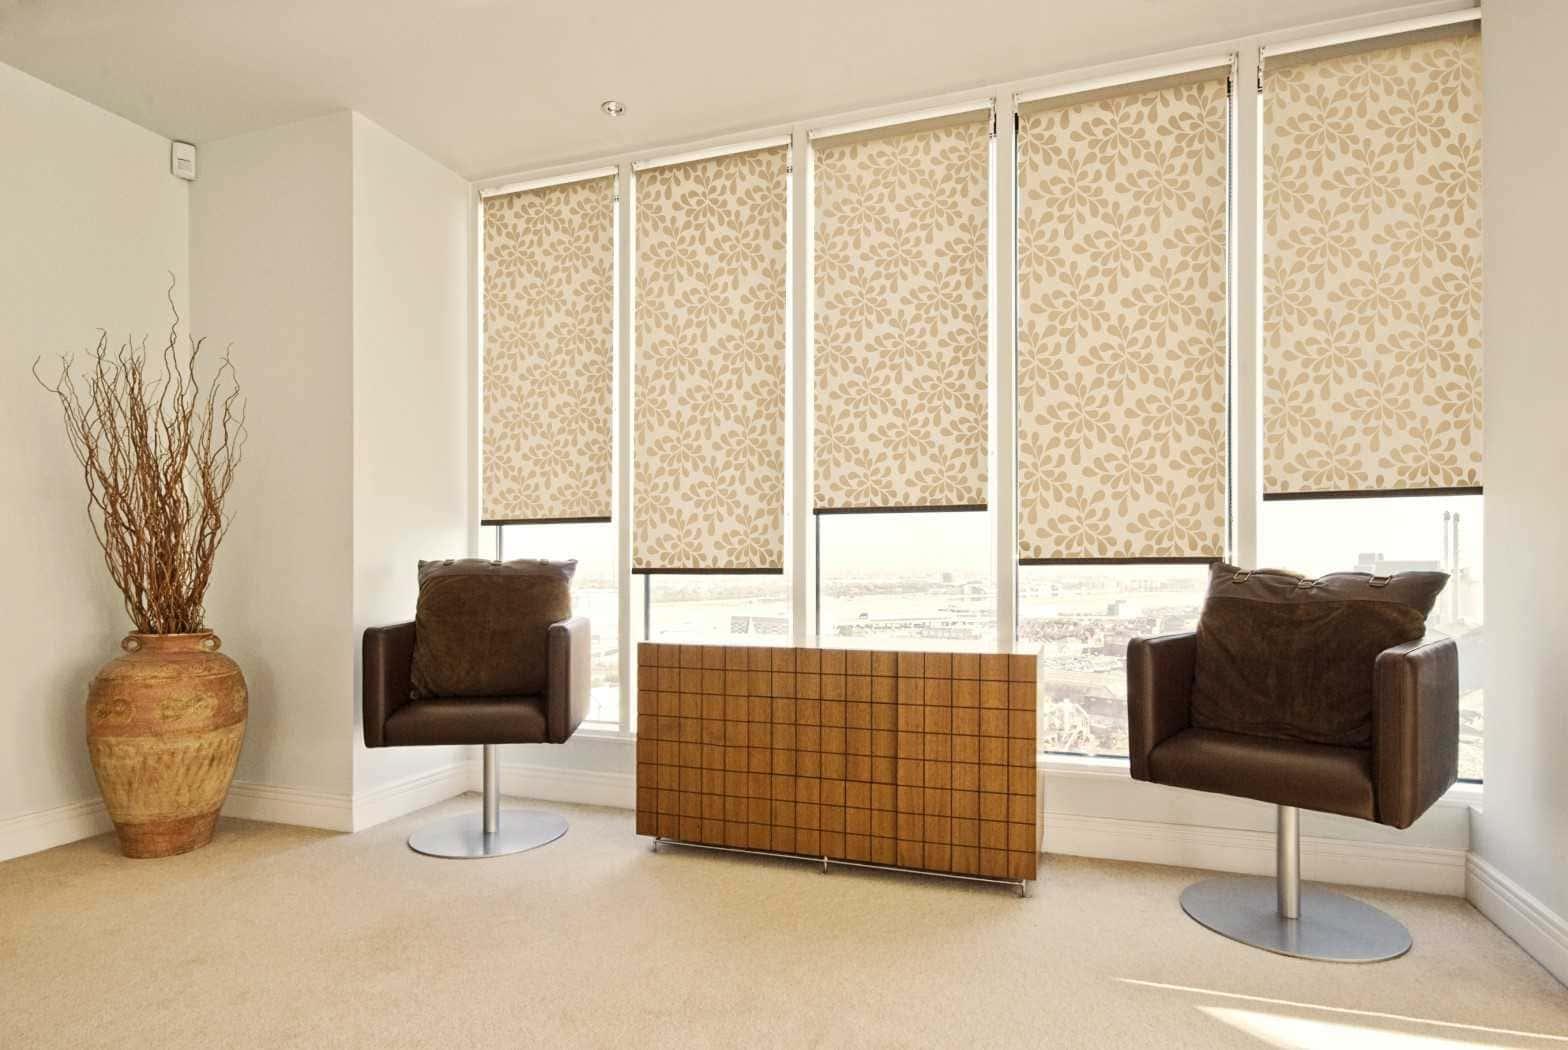 Рулонные шторы - плюсы и минусы установки, выбор материалов 079